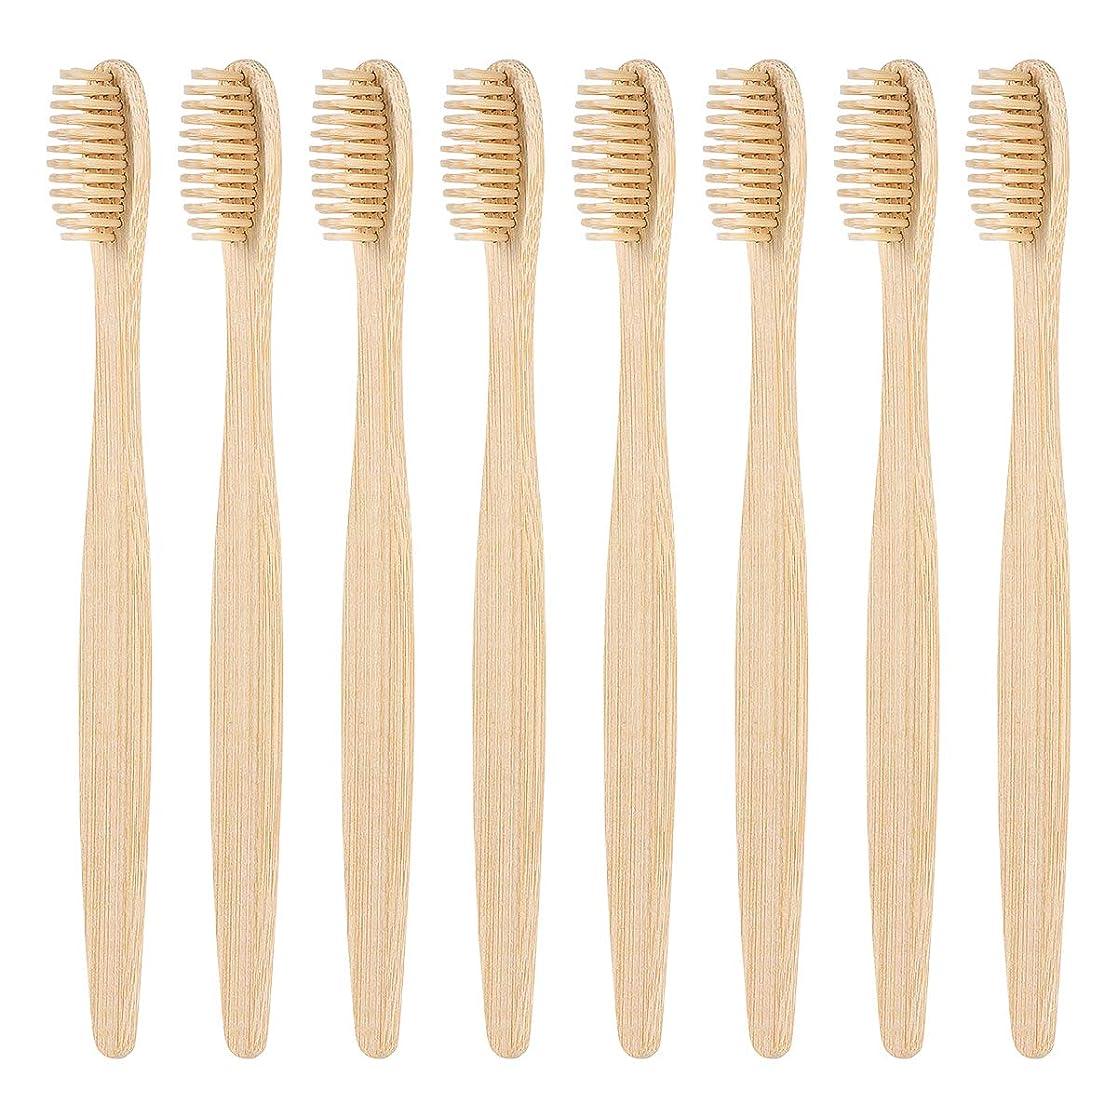 ベアリングアカデミック漏れHealifty 柔らかい剛毛8PCSが付いている環境に優しいタケ歯ブラシの自然な木の環境に優しい歯ブラシ